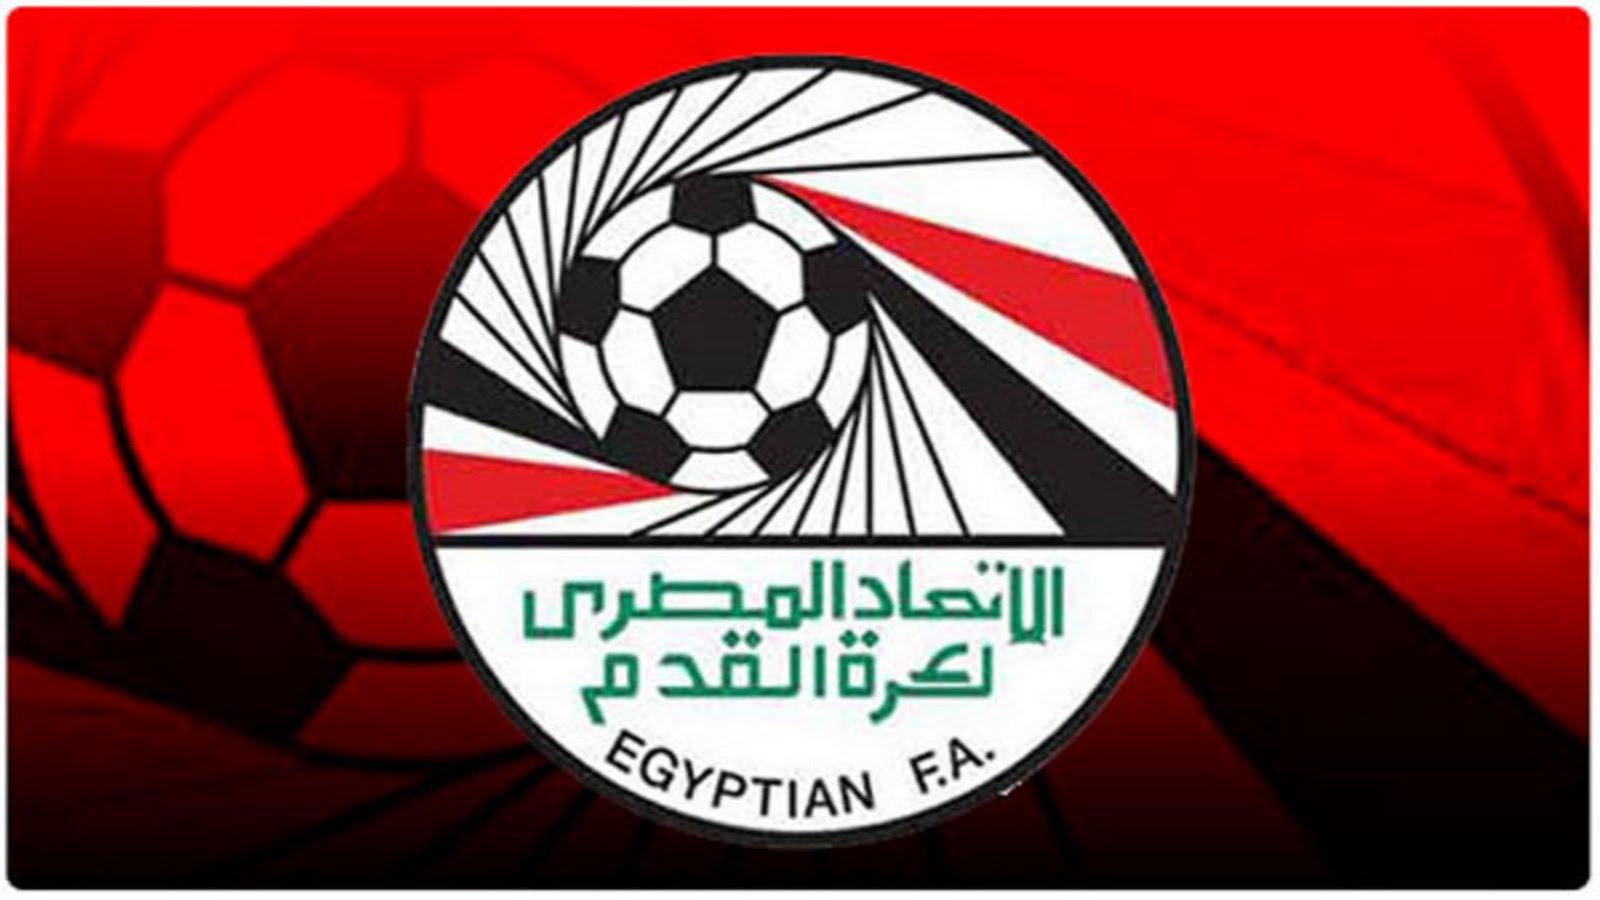 مواعيد مباريات الاهلى والزمالك بموسم الدورى الجديد 2017